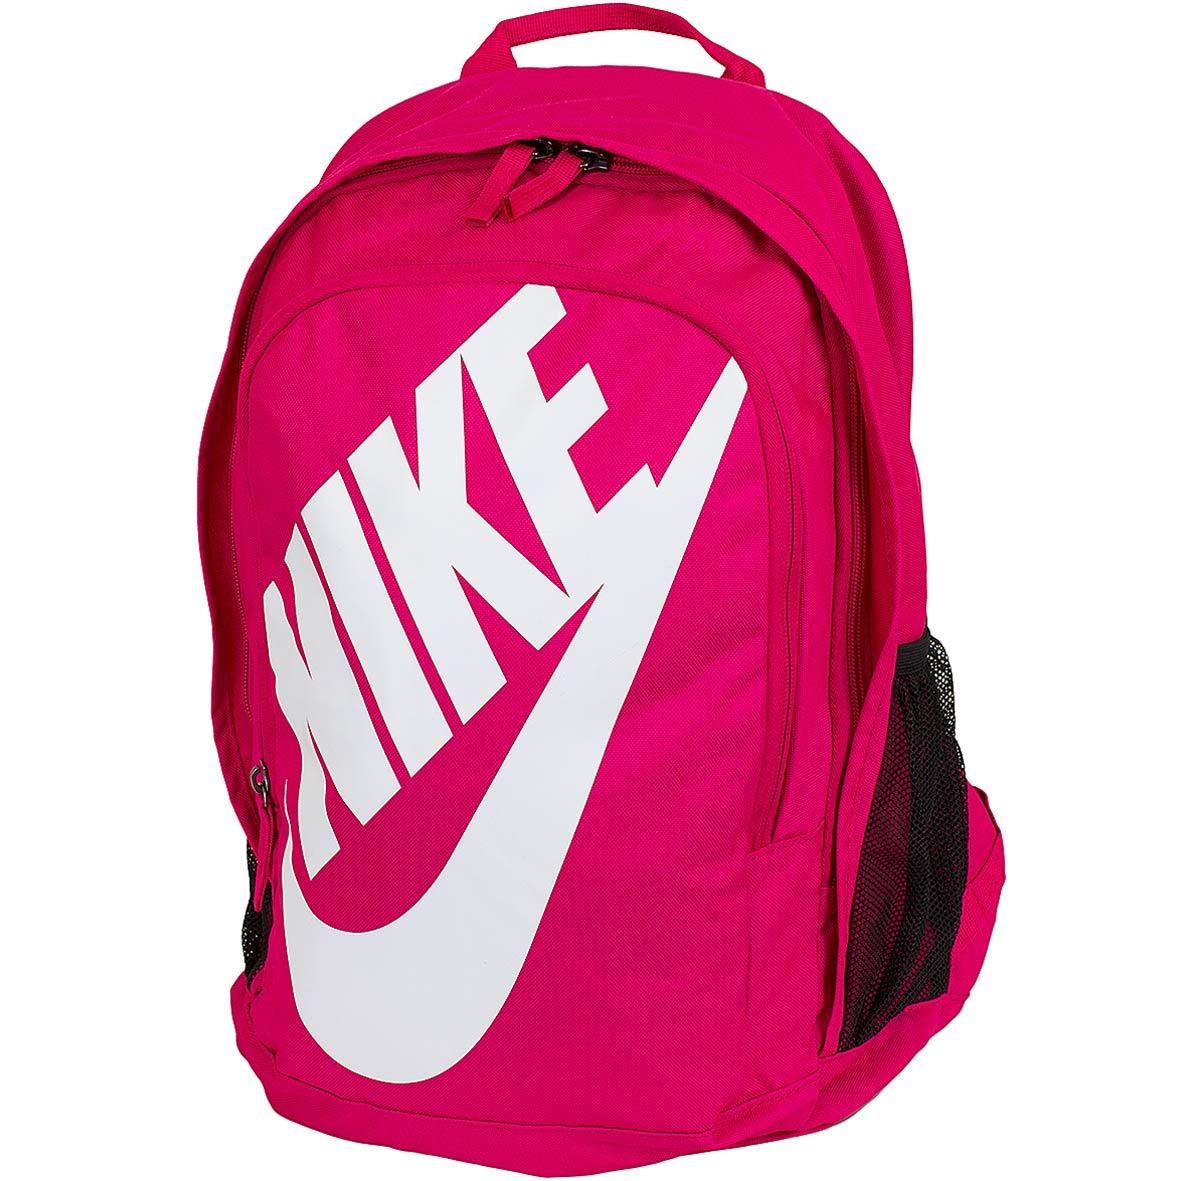 ☆ Nike Rucksack Hayward Futura 2.0 pinkweiß hier bestellen!